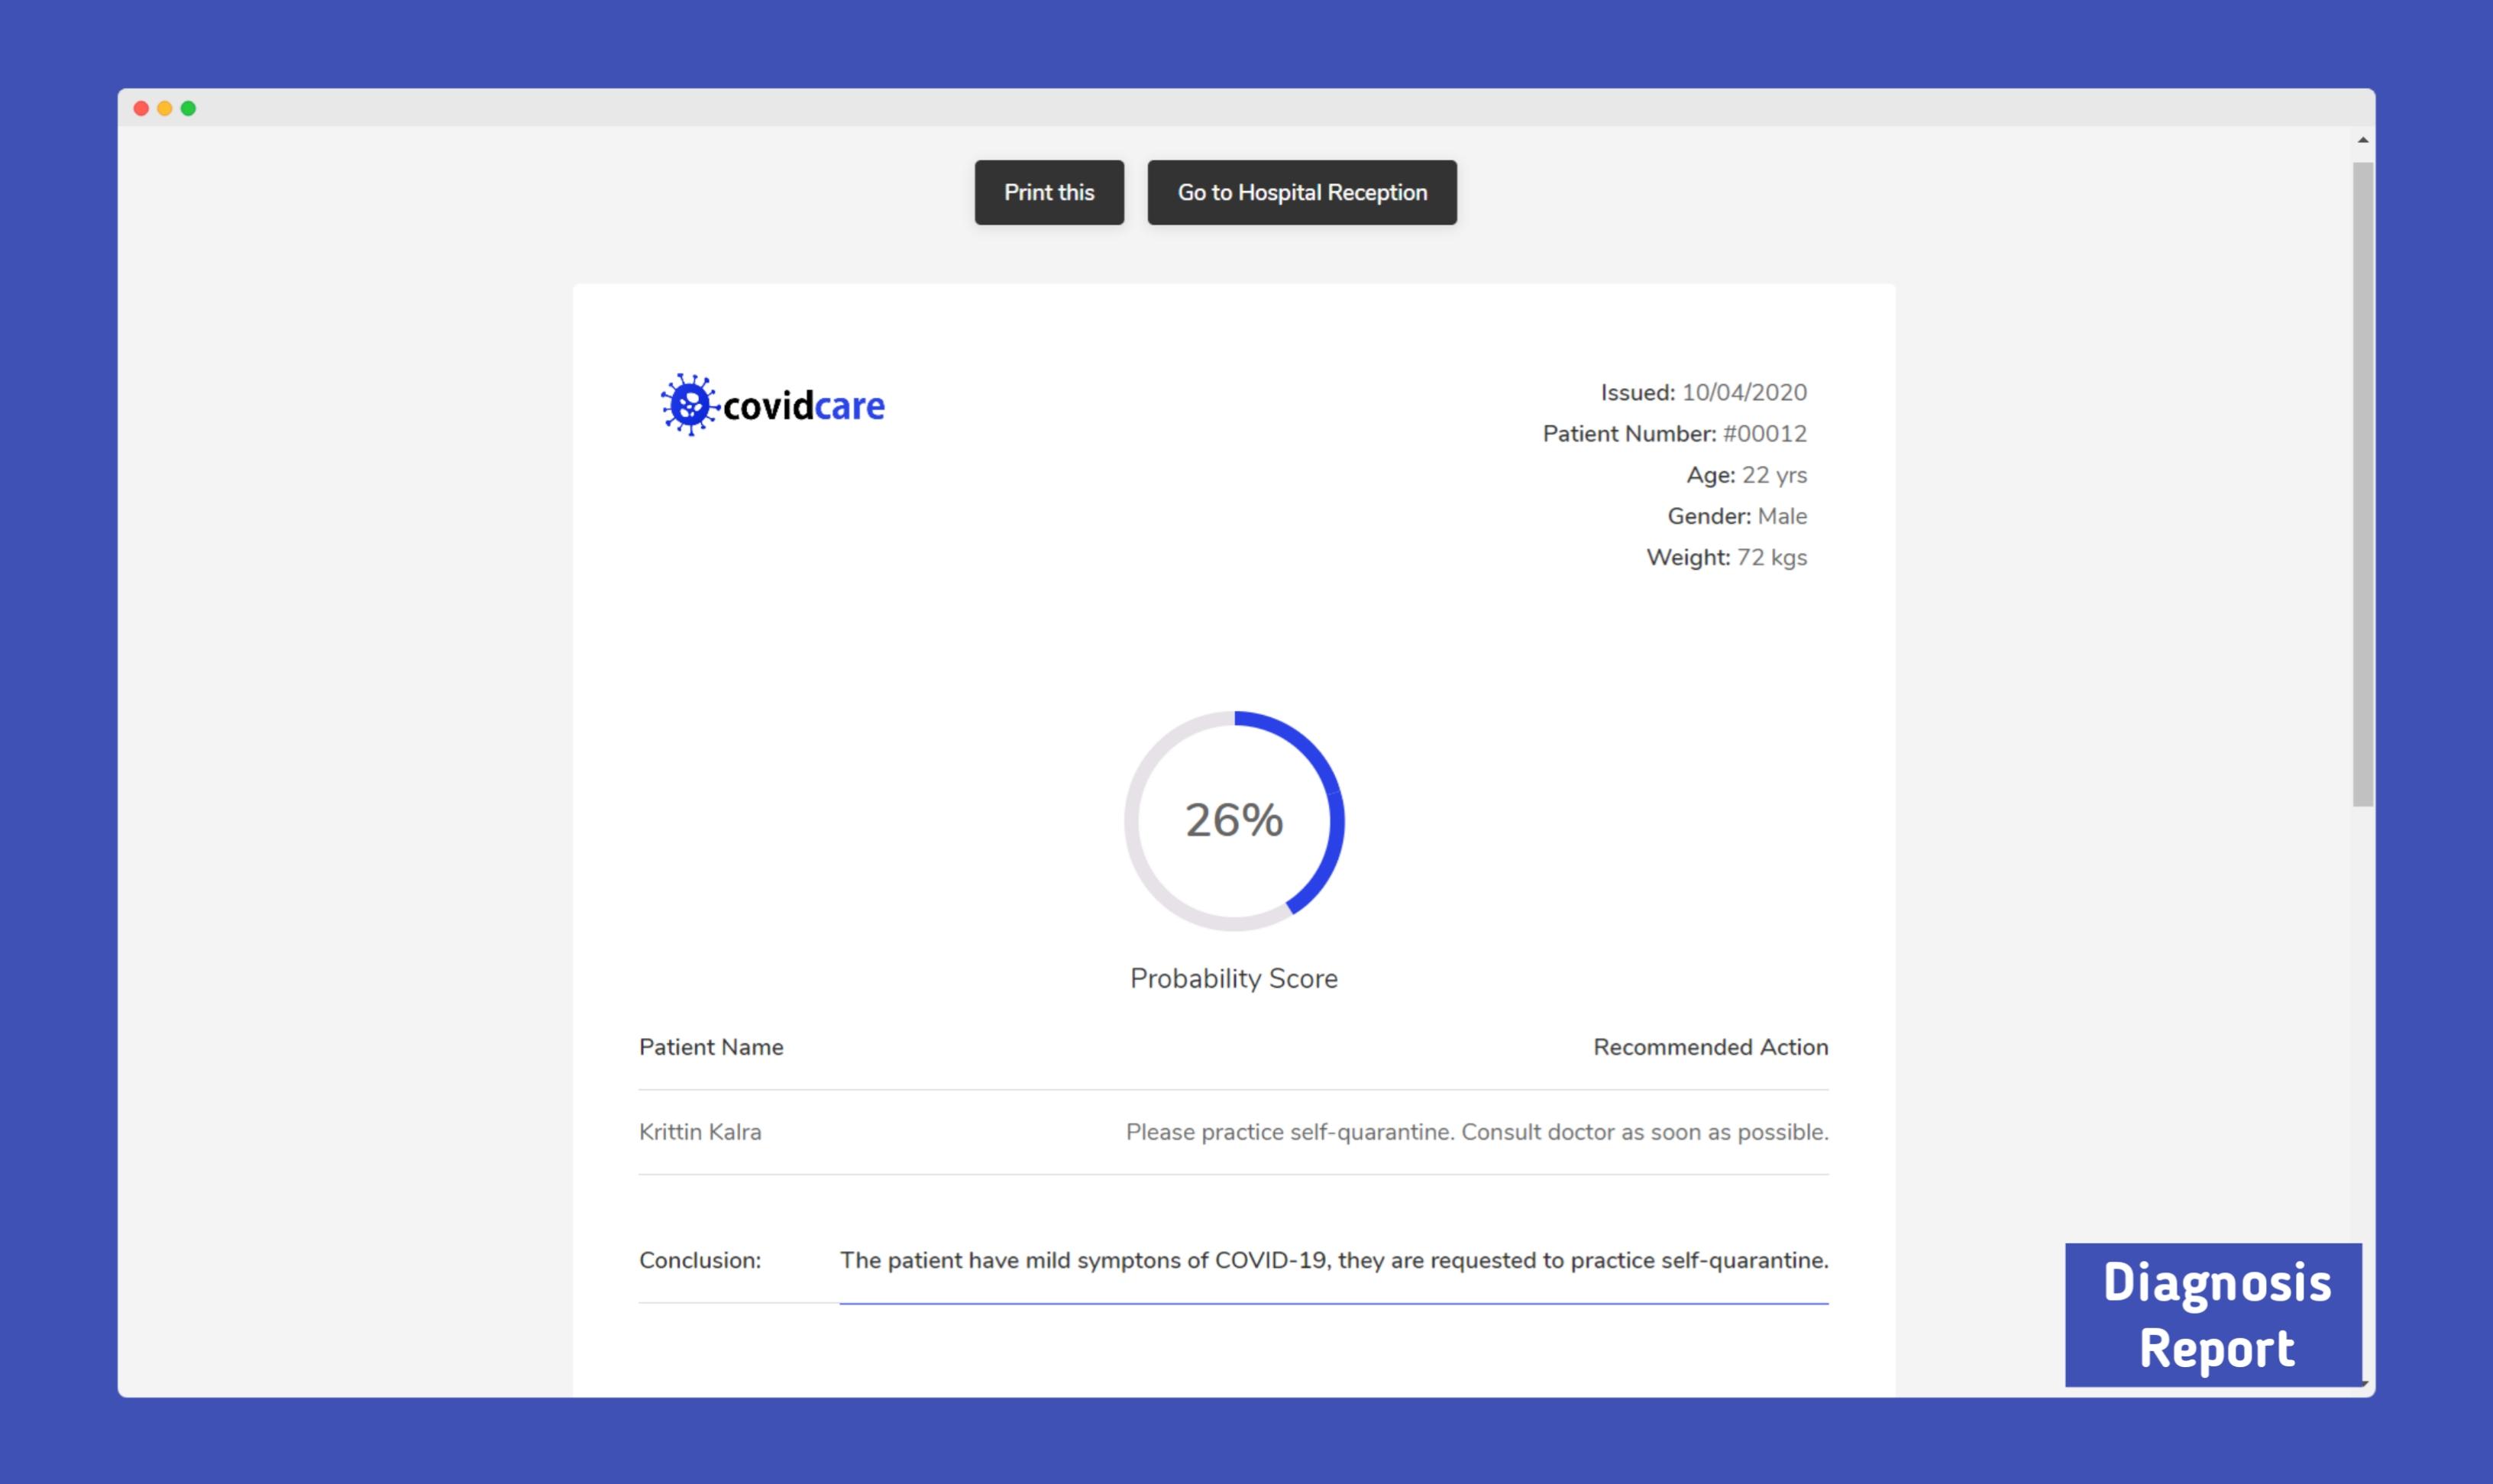 CovidCare - A.I powered Digital Hospital and Laboratory